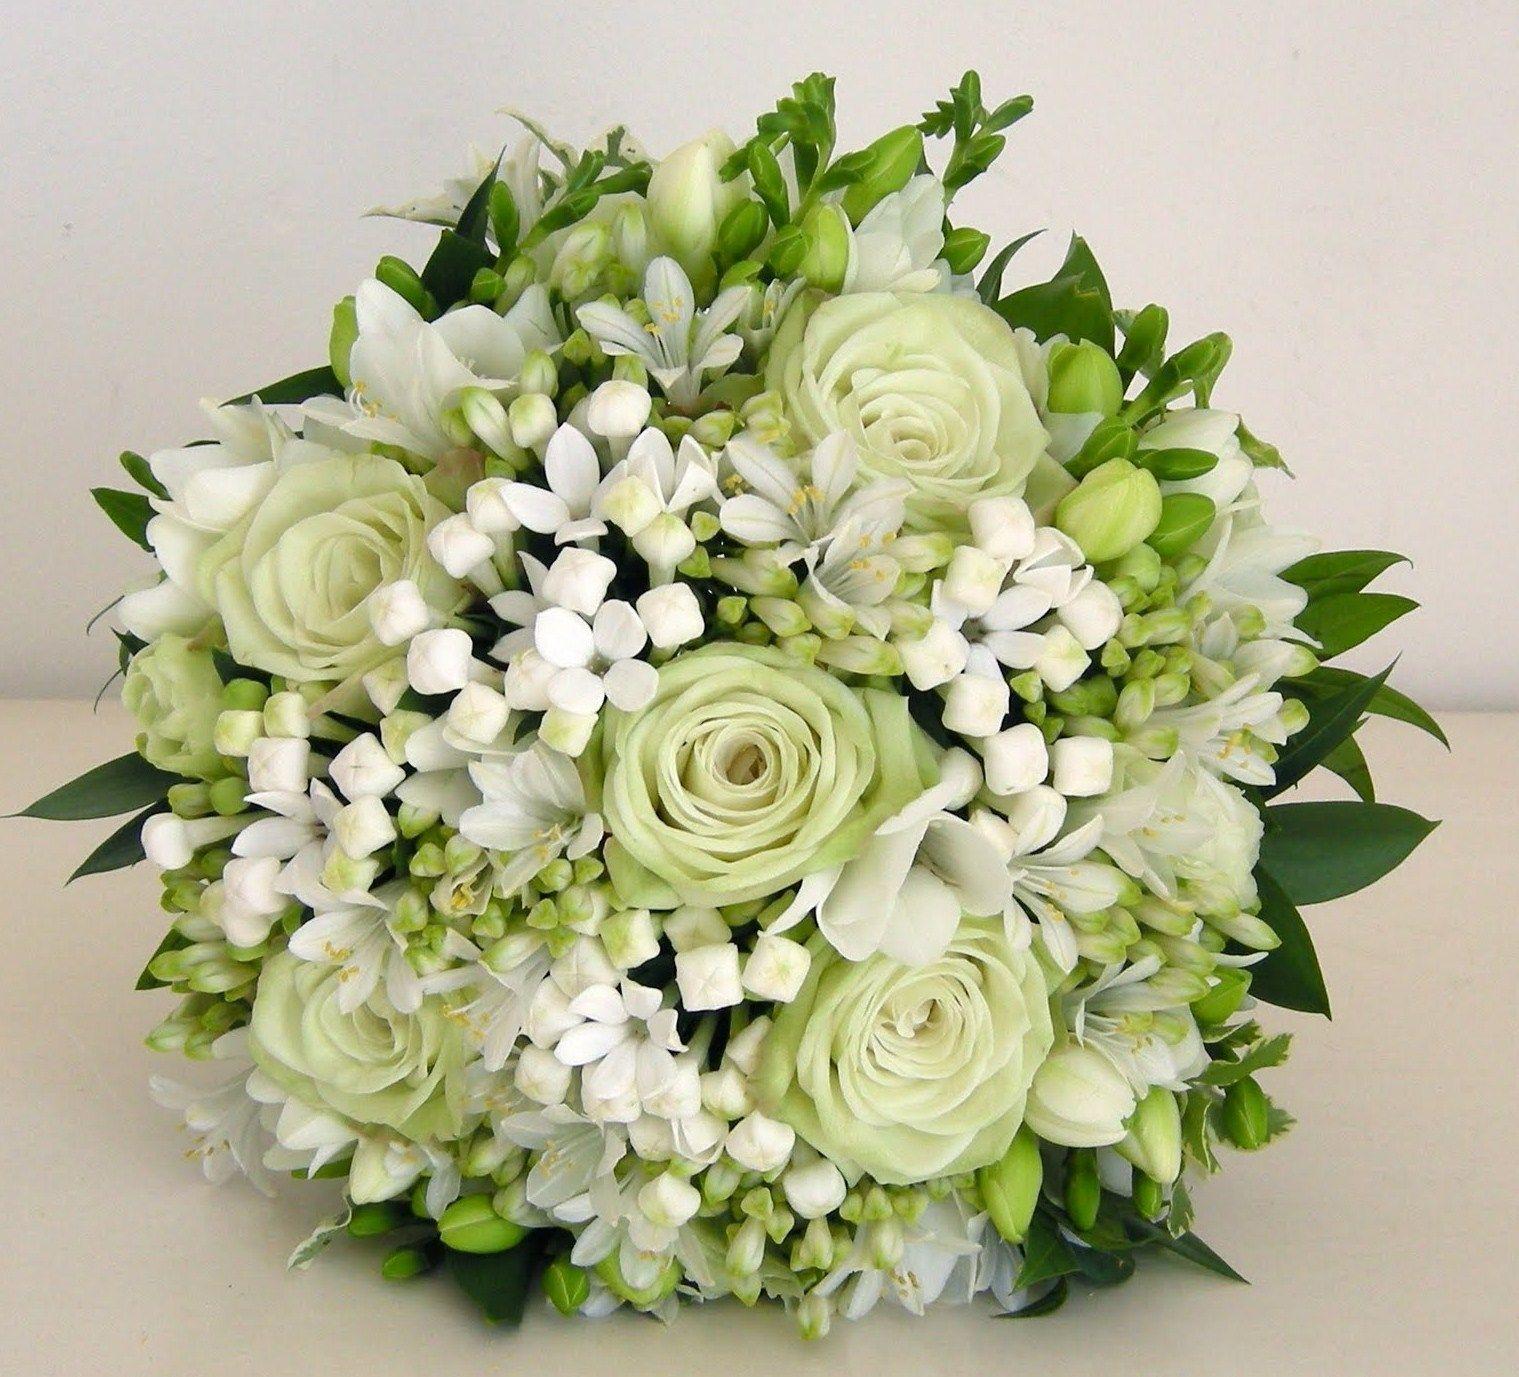 Bouquet Sposa Bianco E Verde.Il Bouquet Sposa Variazioni Sul Bianco E Verde Daniele Panareo